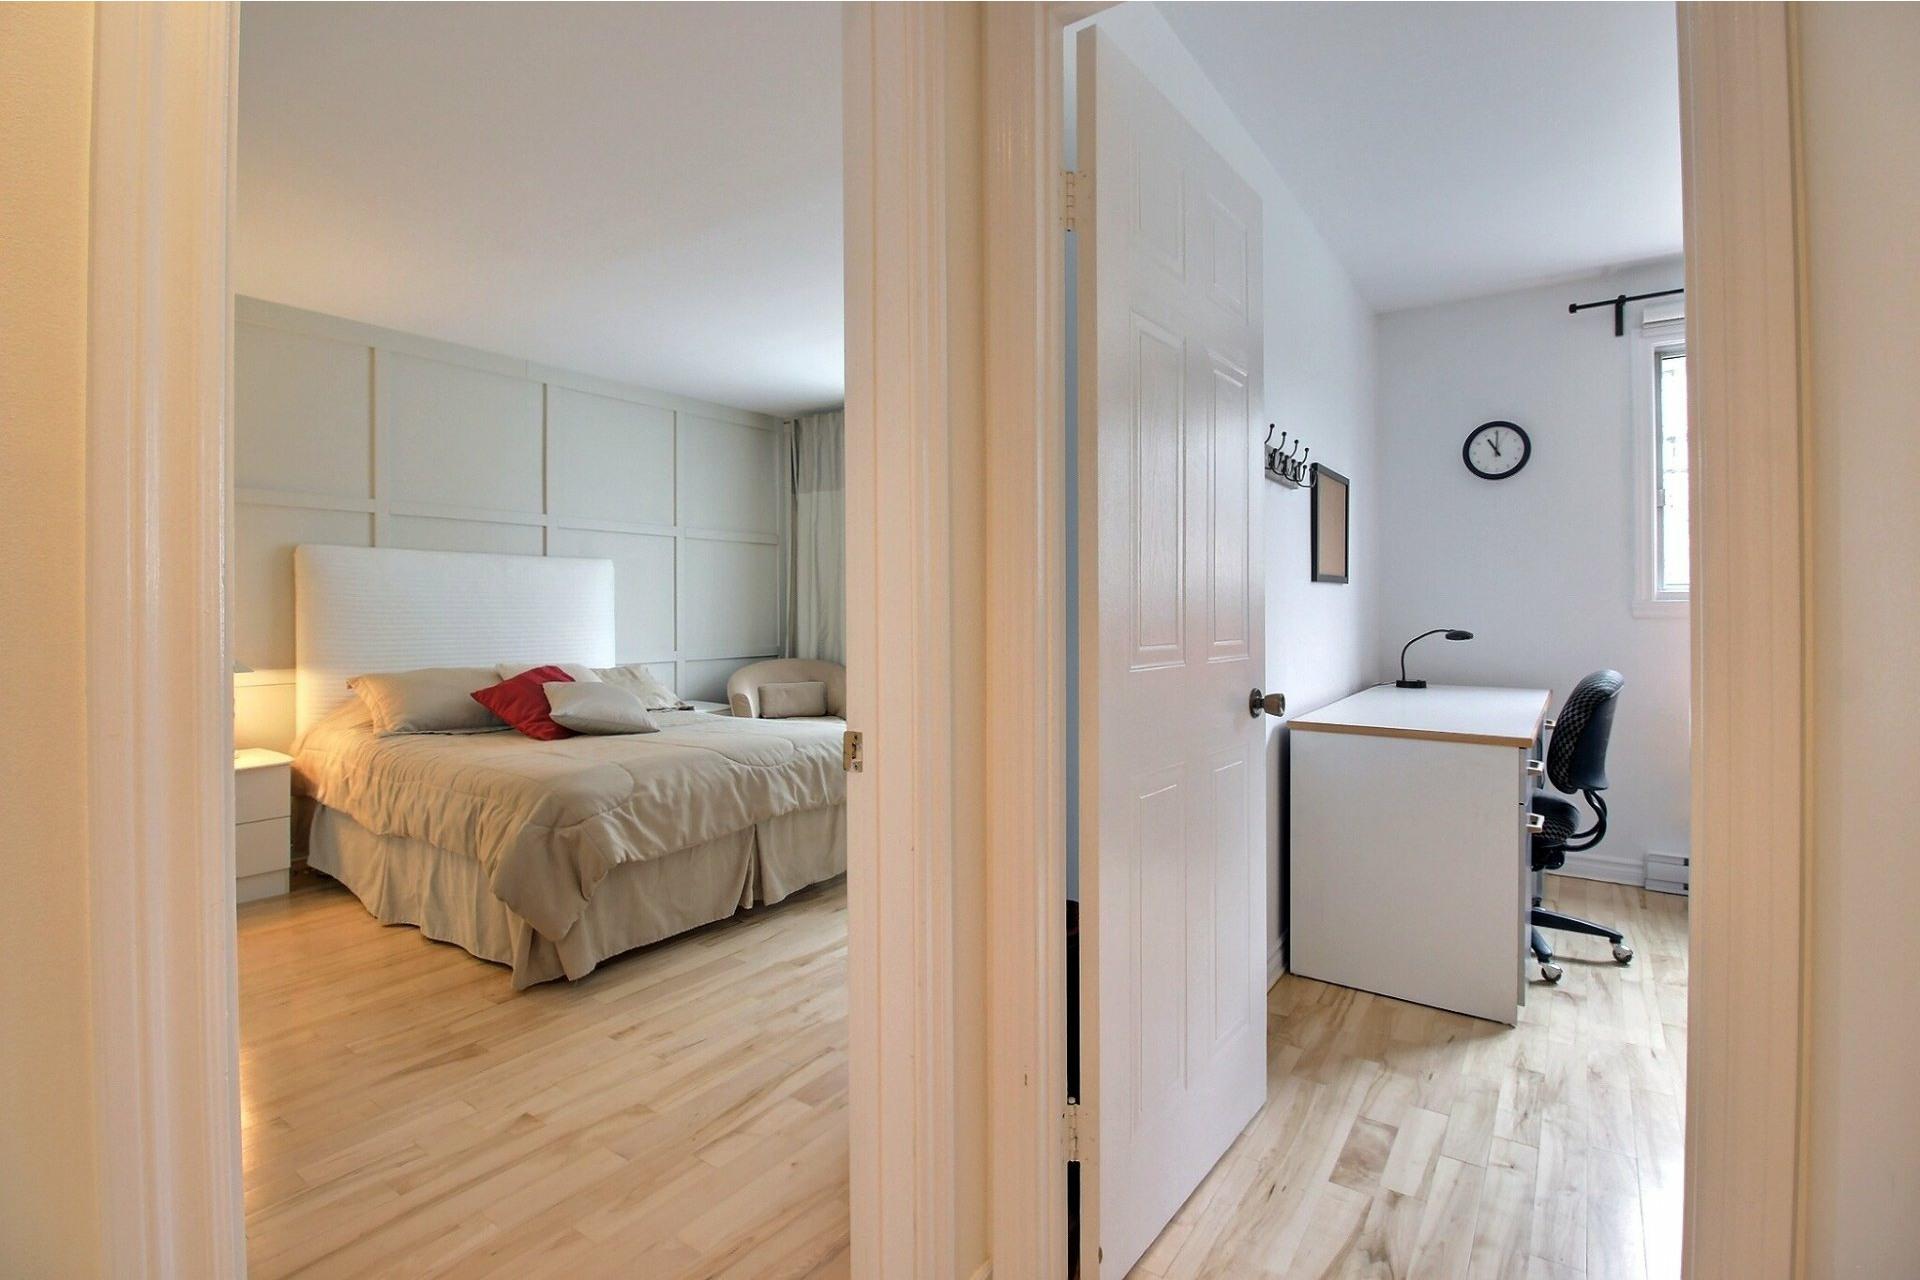 image 18 - Appartement À vendre Rivière-des-Prairies/Pointe-aux-Trembles Montréal  - 5 pièces